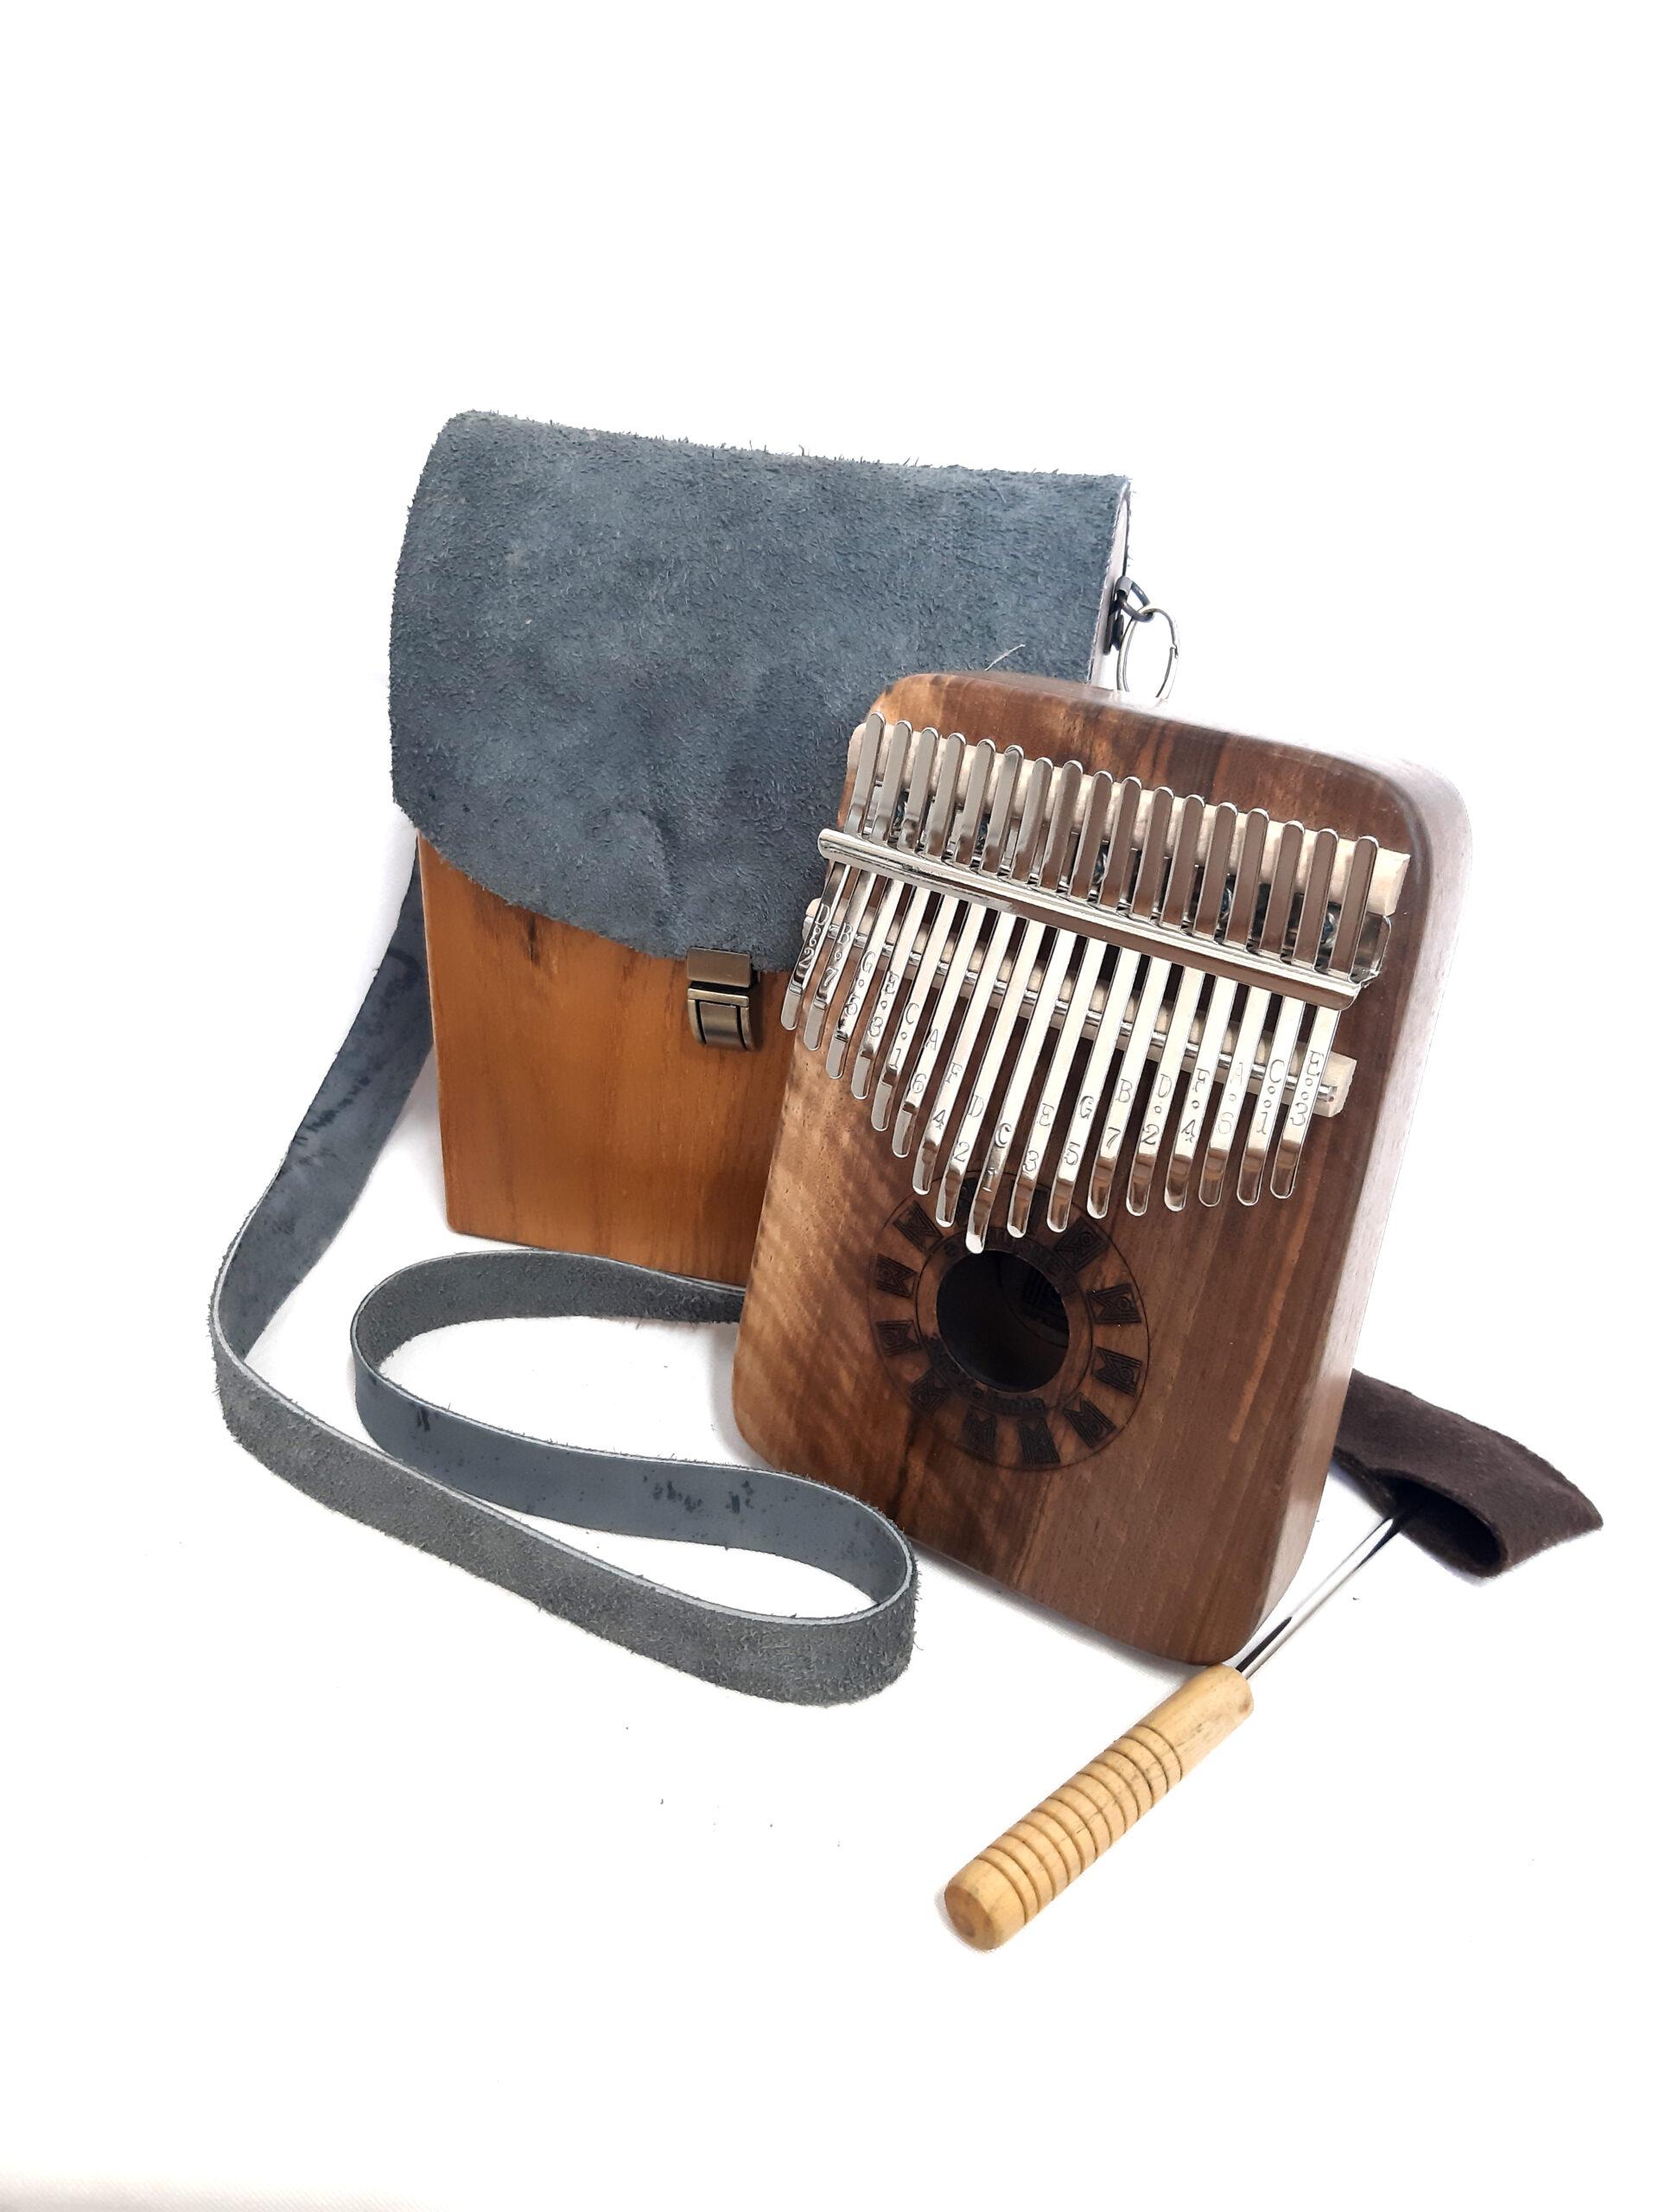 کالیمبا ۳MP با جعبه چوبی